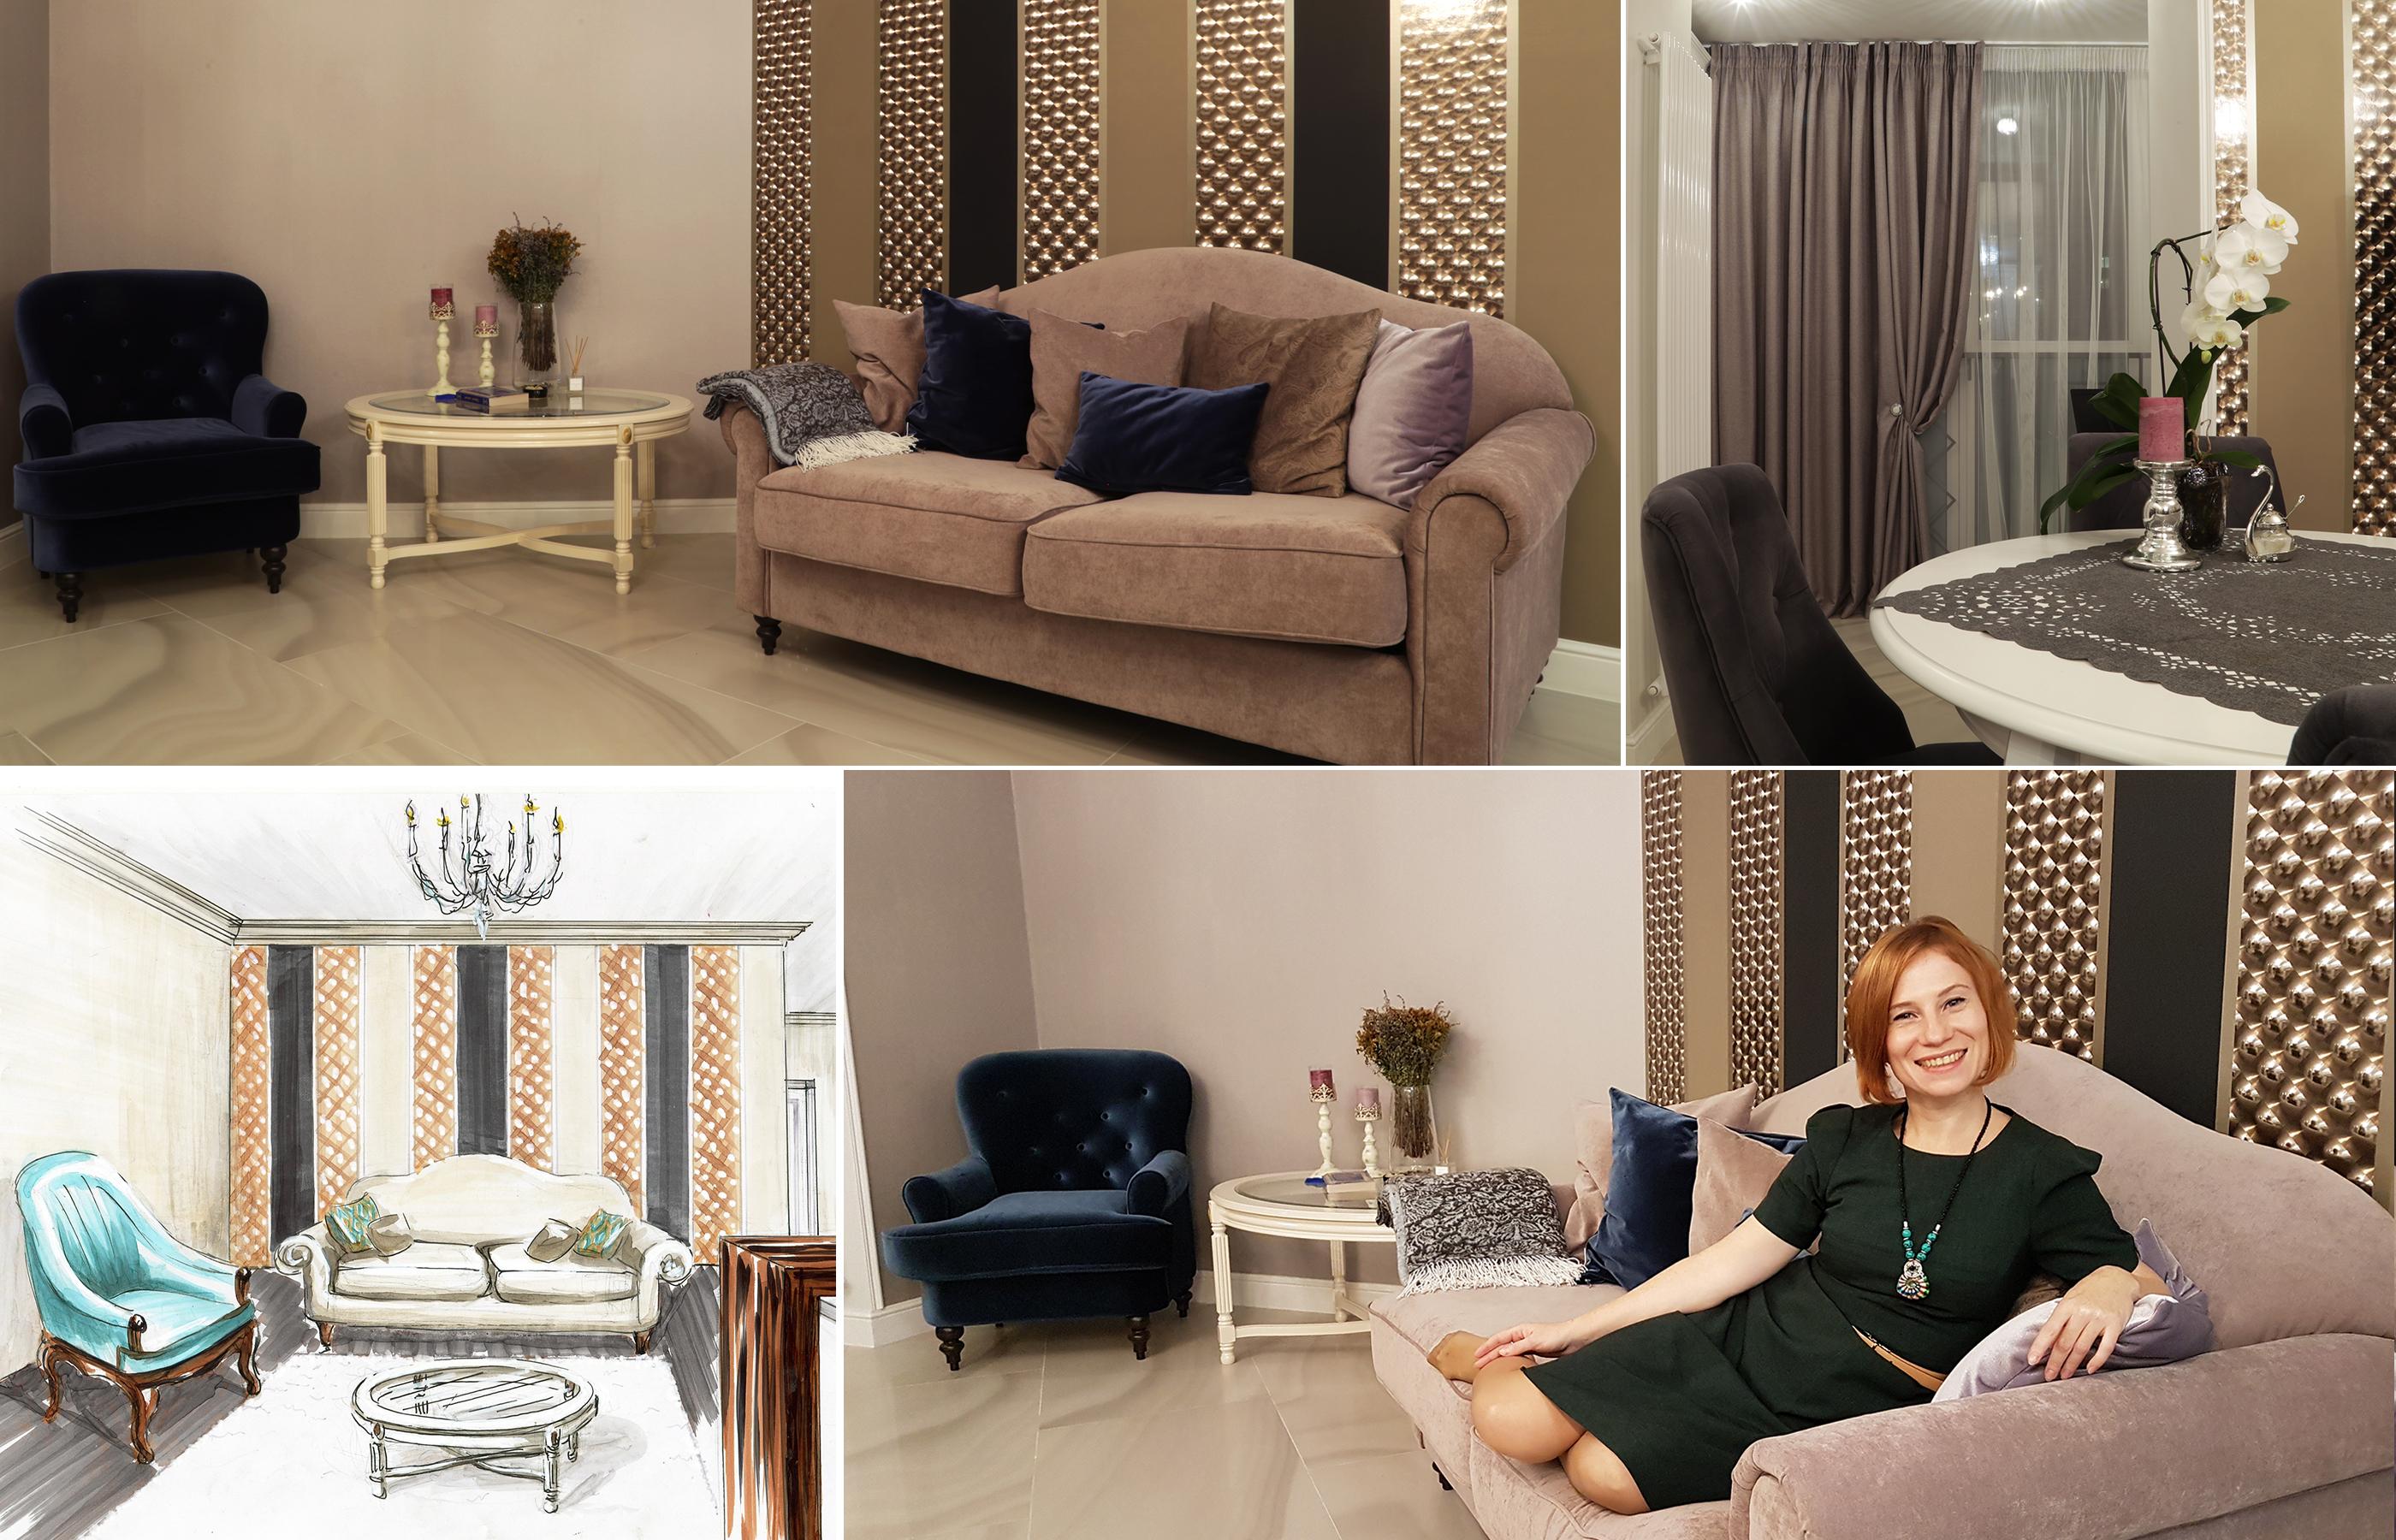 Интерьер гостиной с выразительными полосатыми обоями